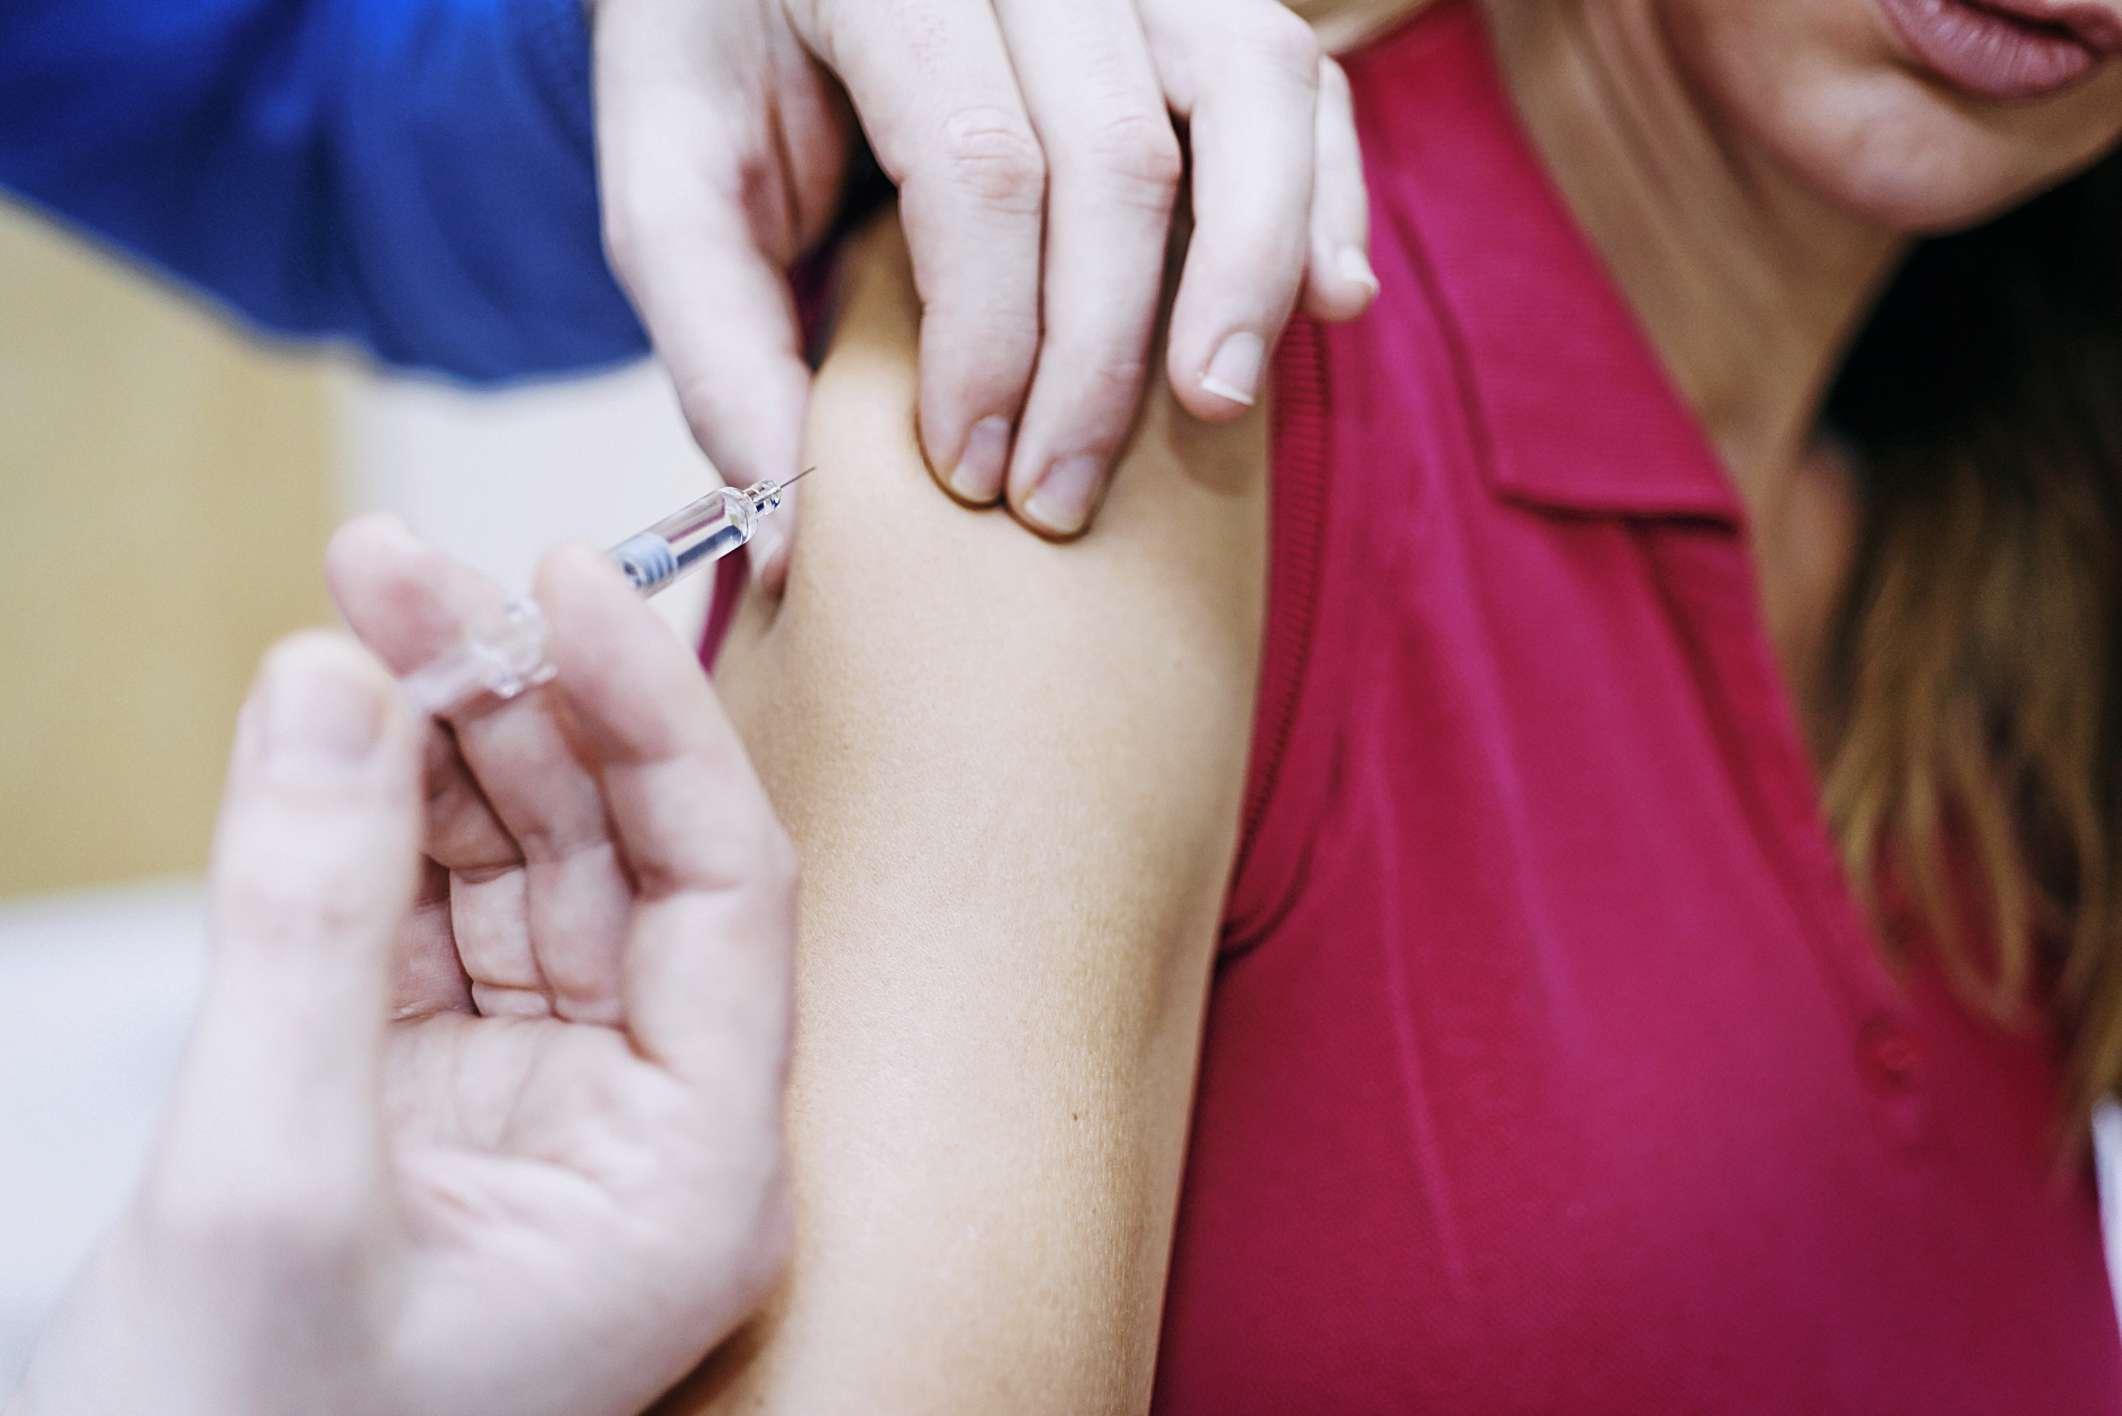 Girl receiving vaccine